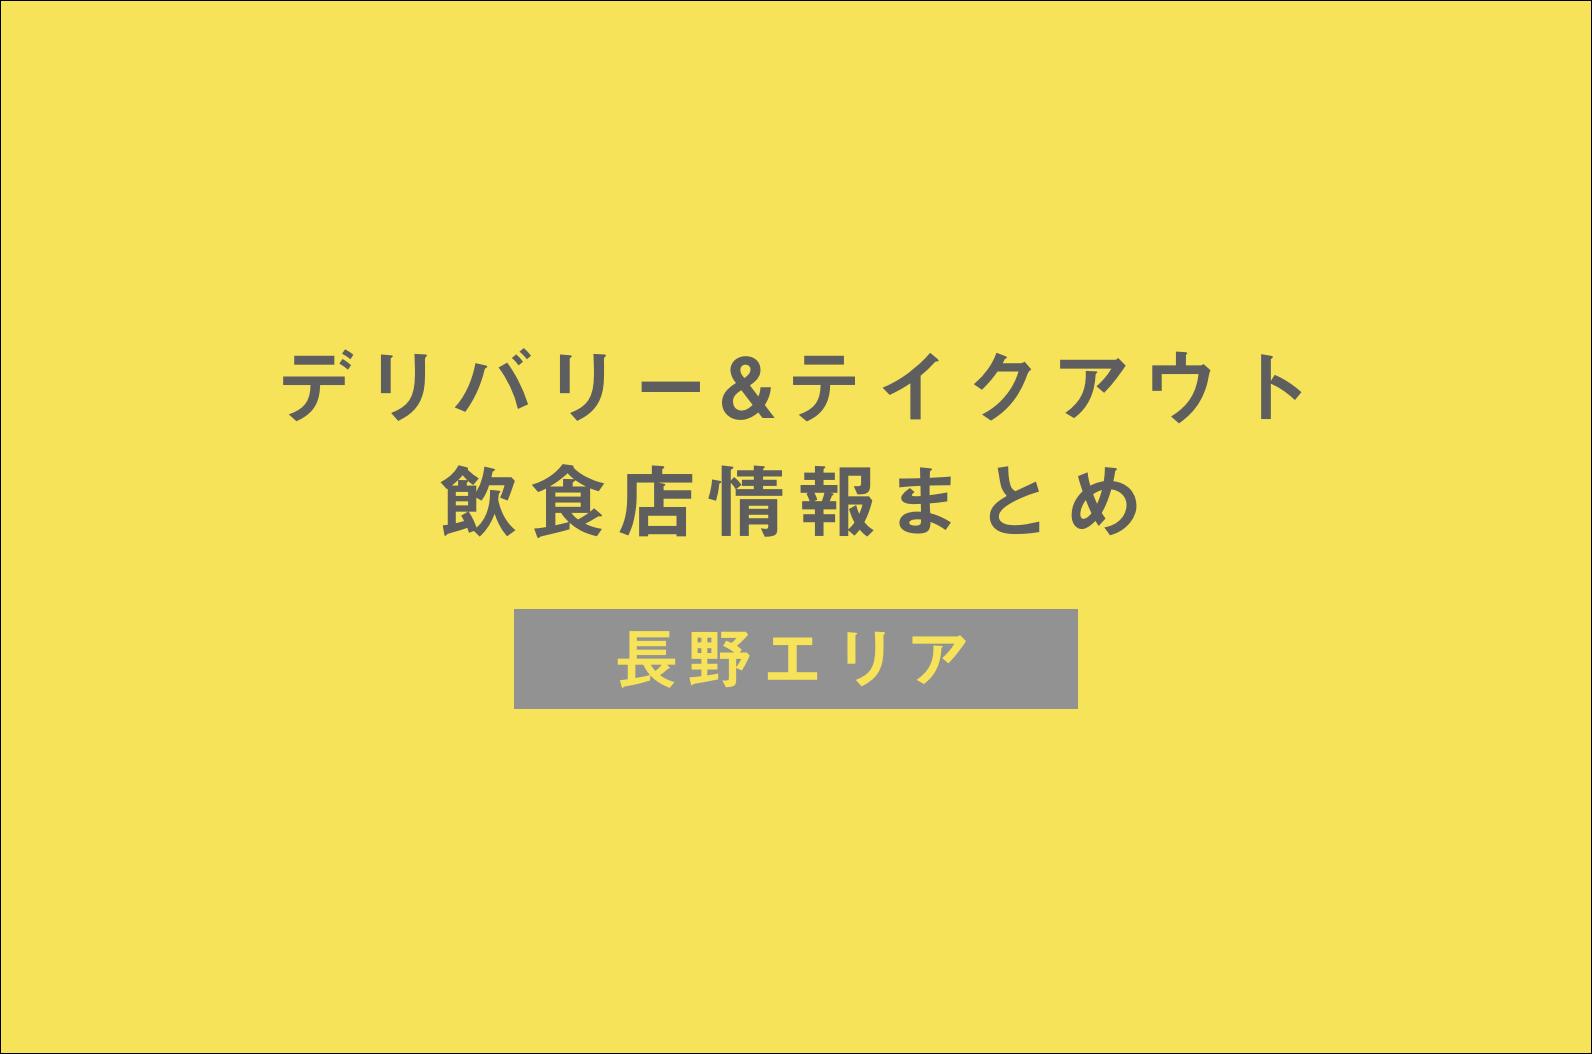 デリバリー&テイクアウトまとめ|長野エリア